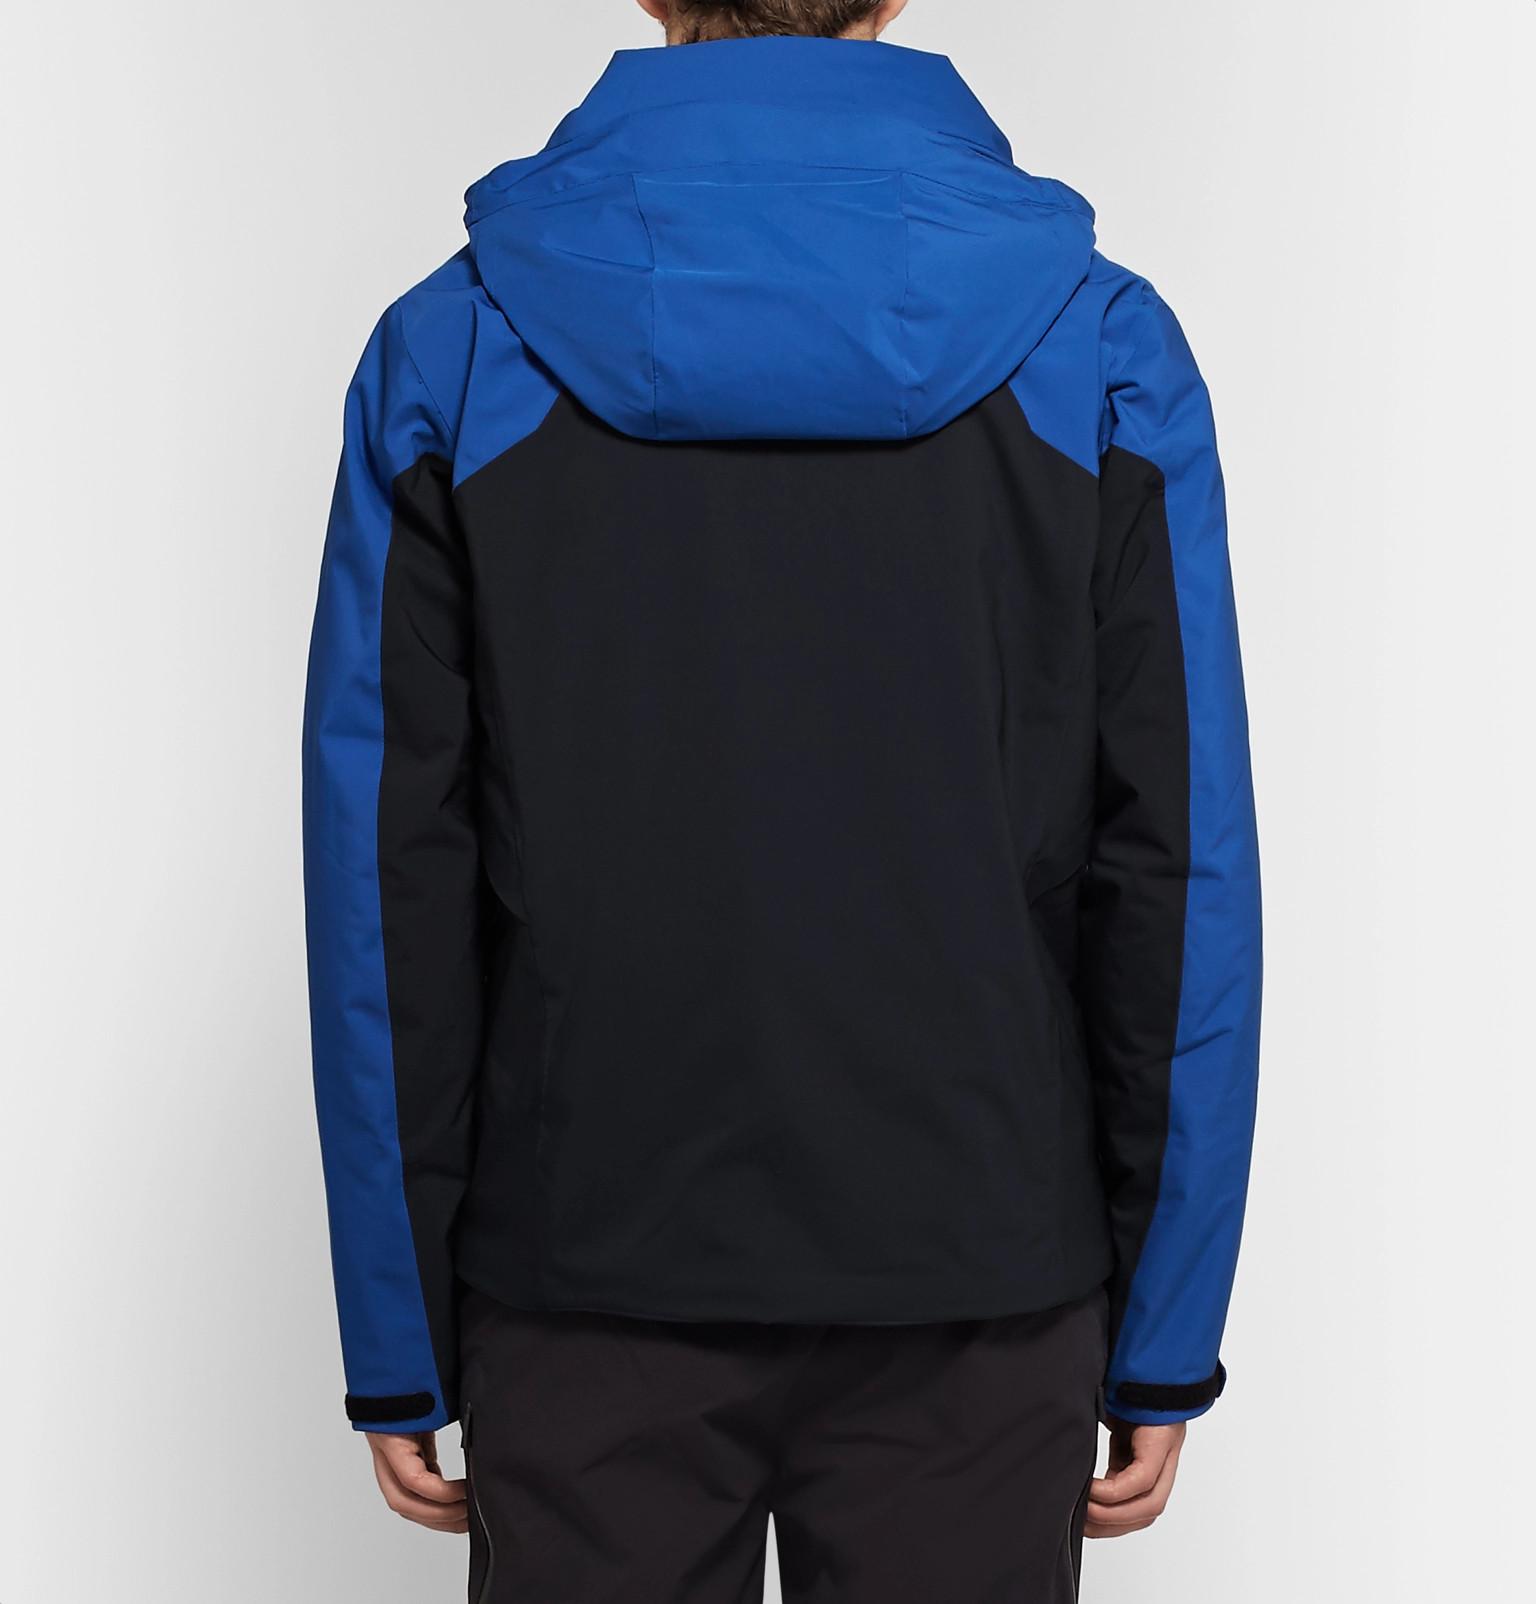 Performance Jacket Peak Hipe Ski Core Hooded ZTSq6AowF